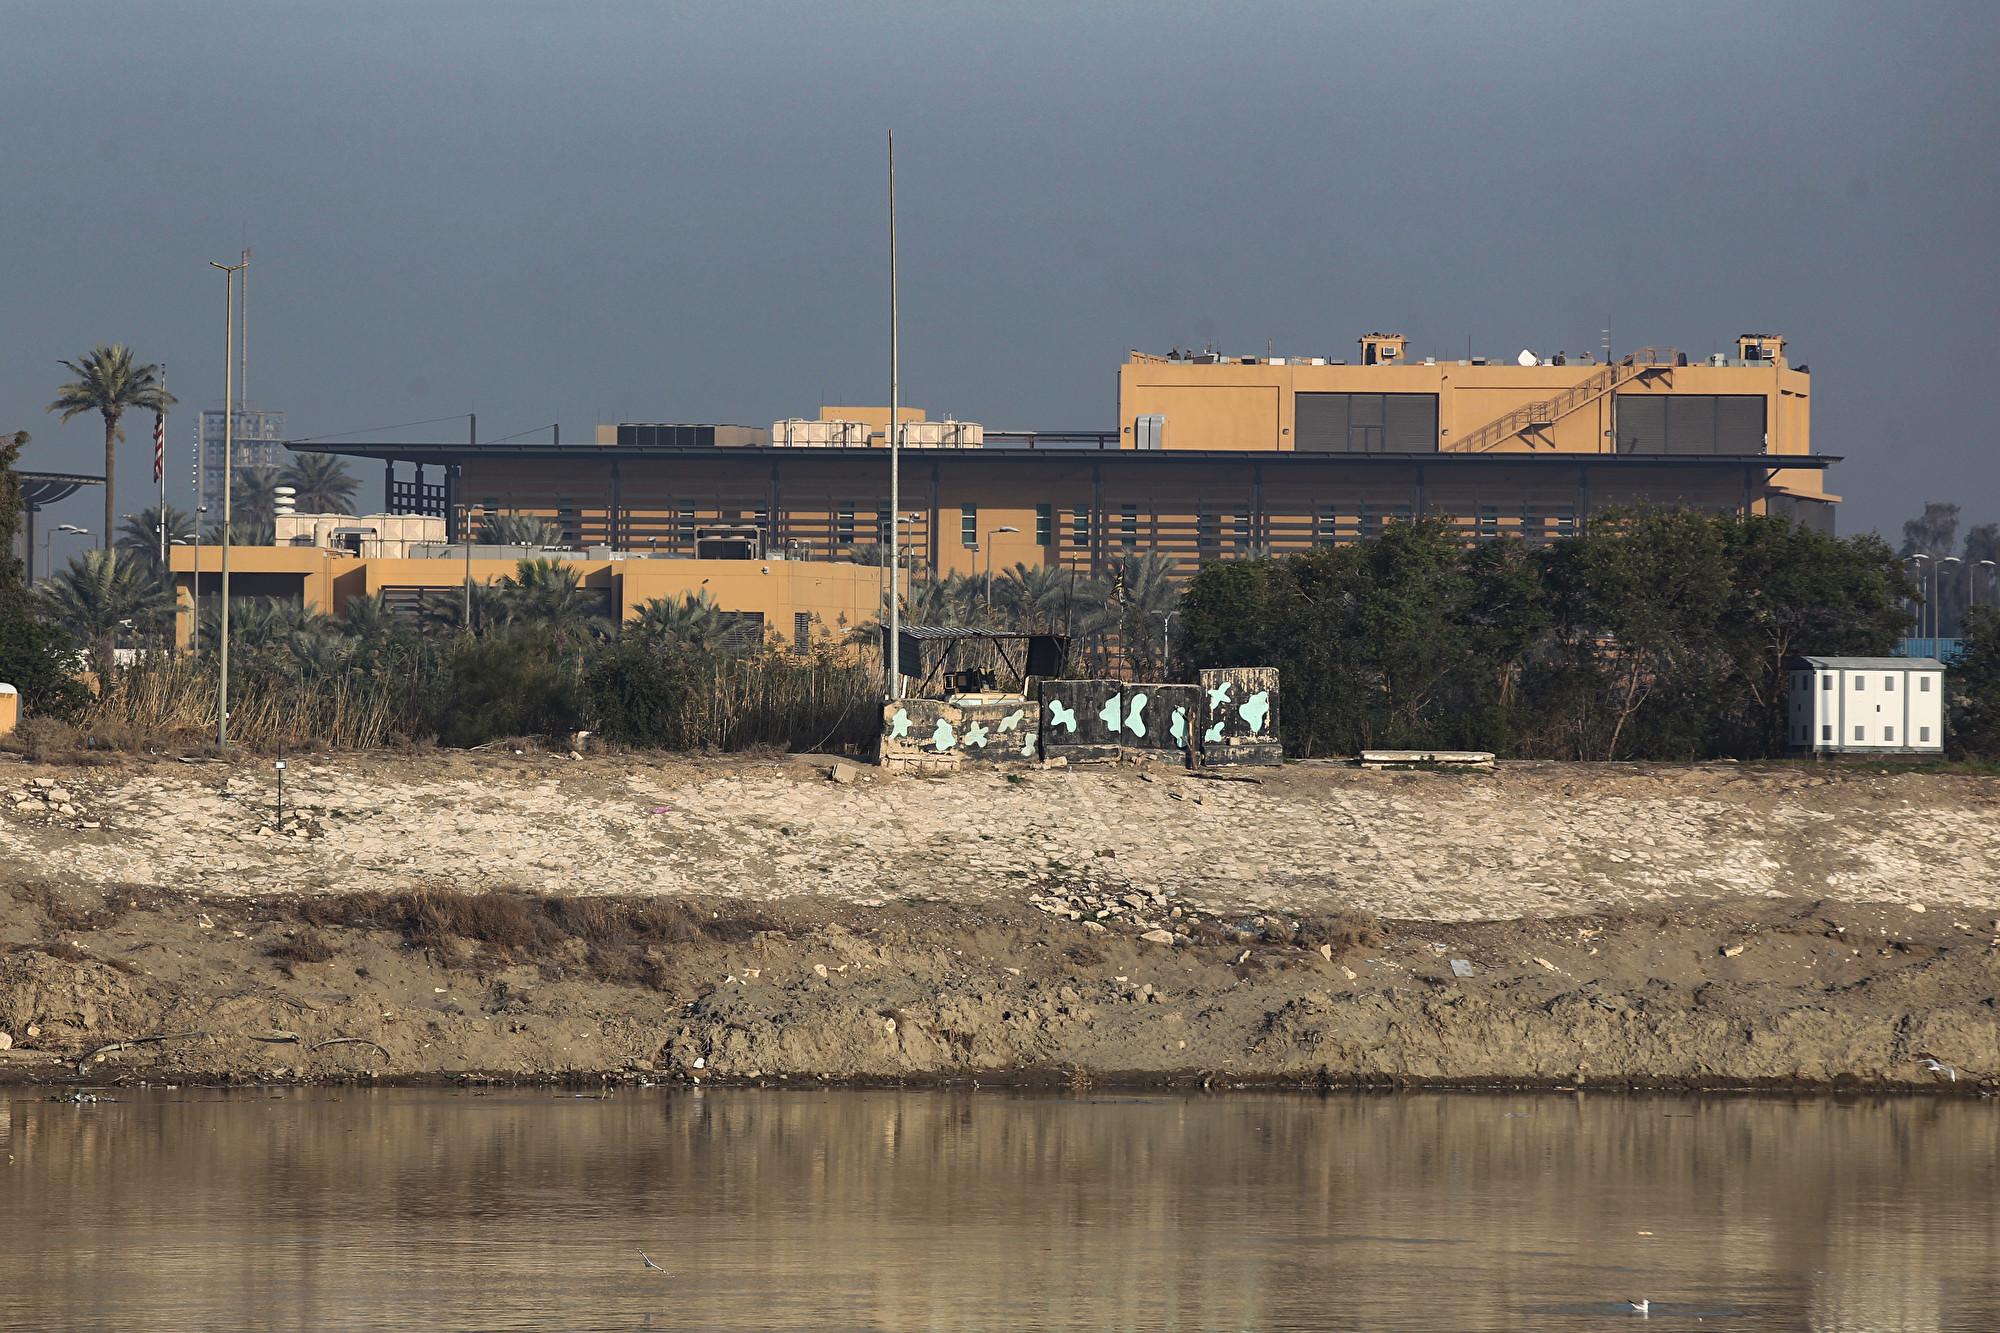 美駐伊拉克大使館附近發生火箭彈攻擊